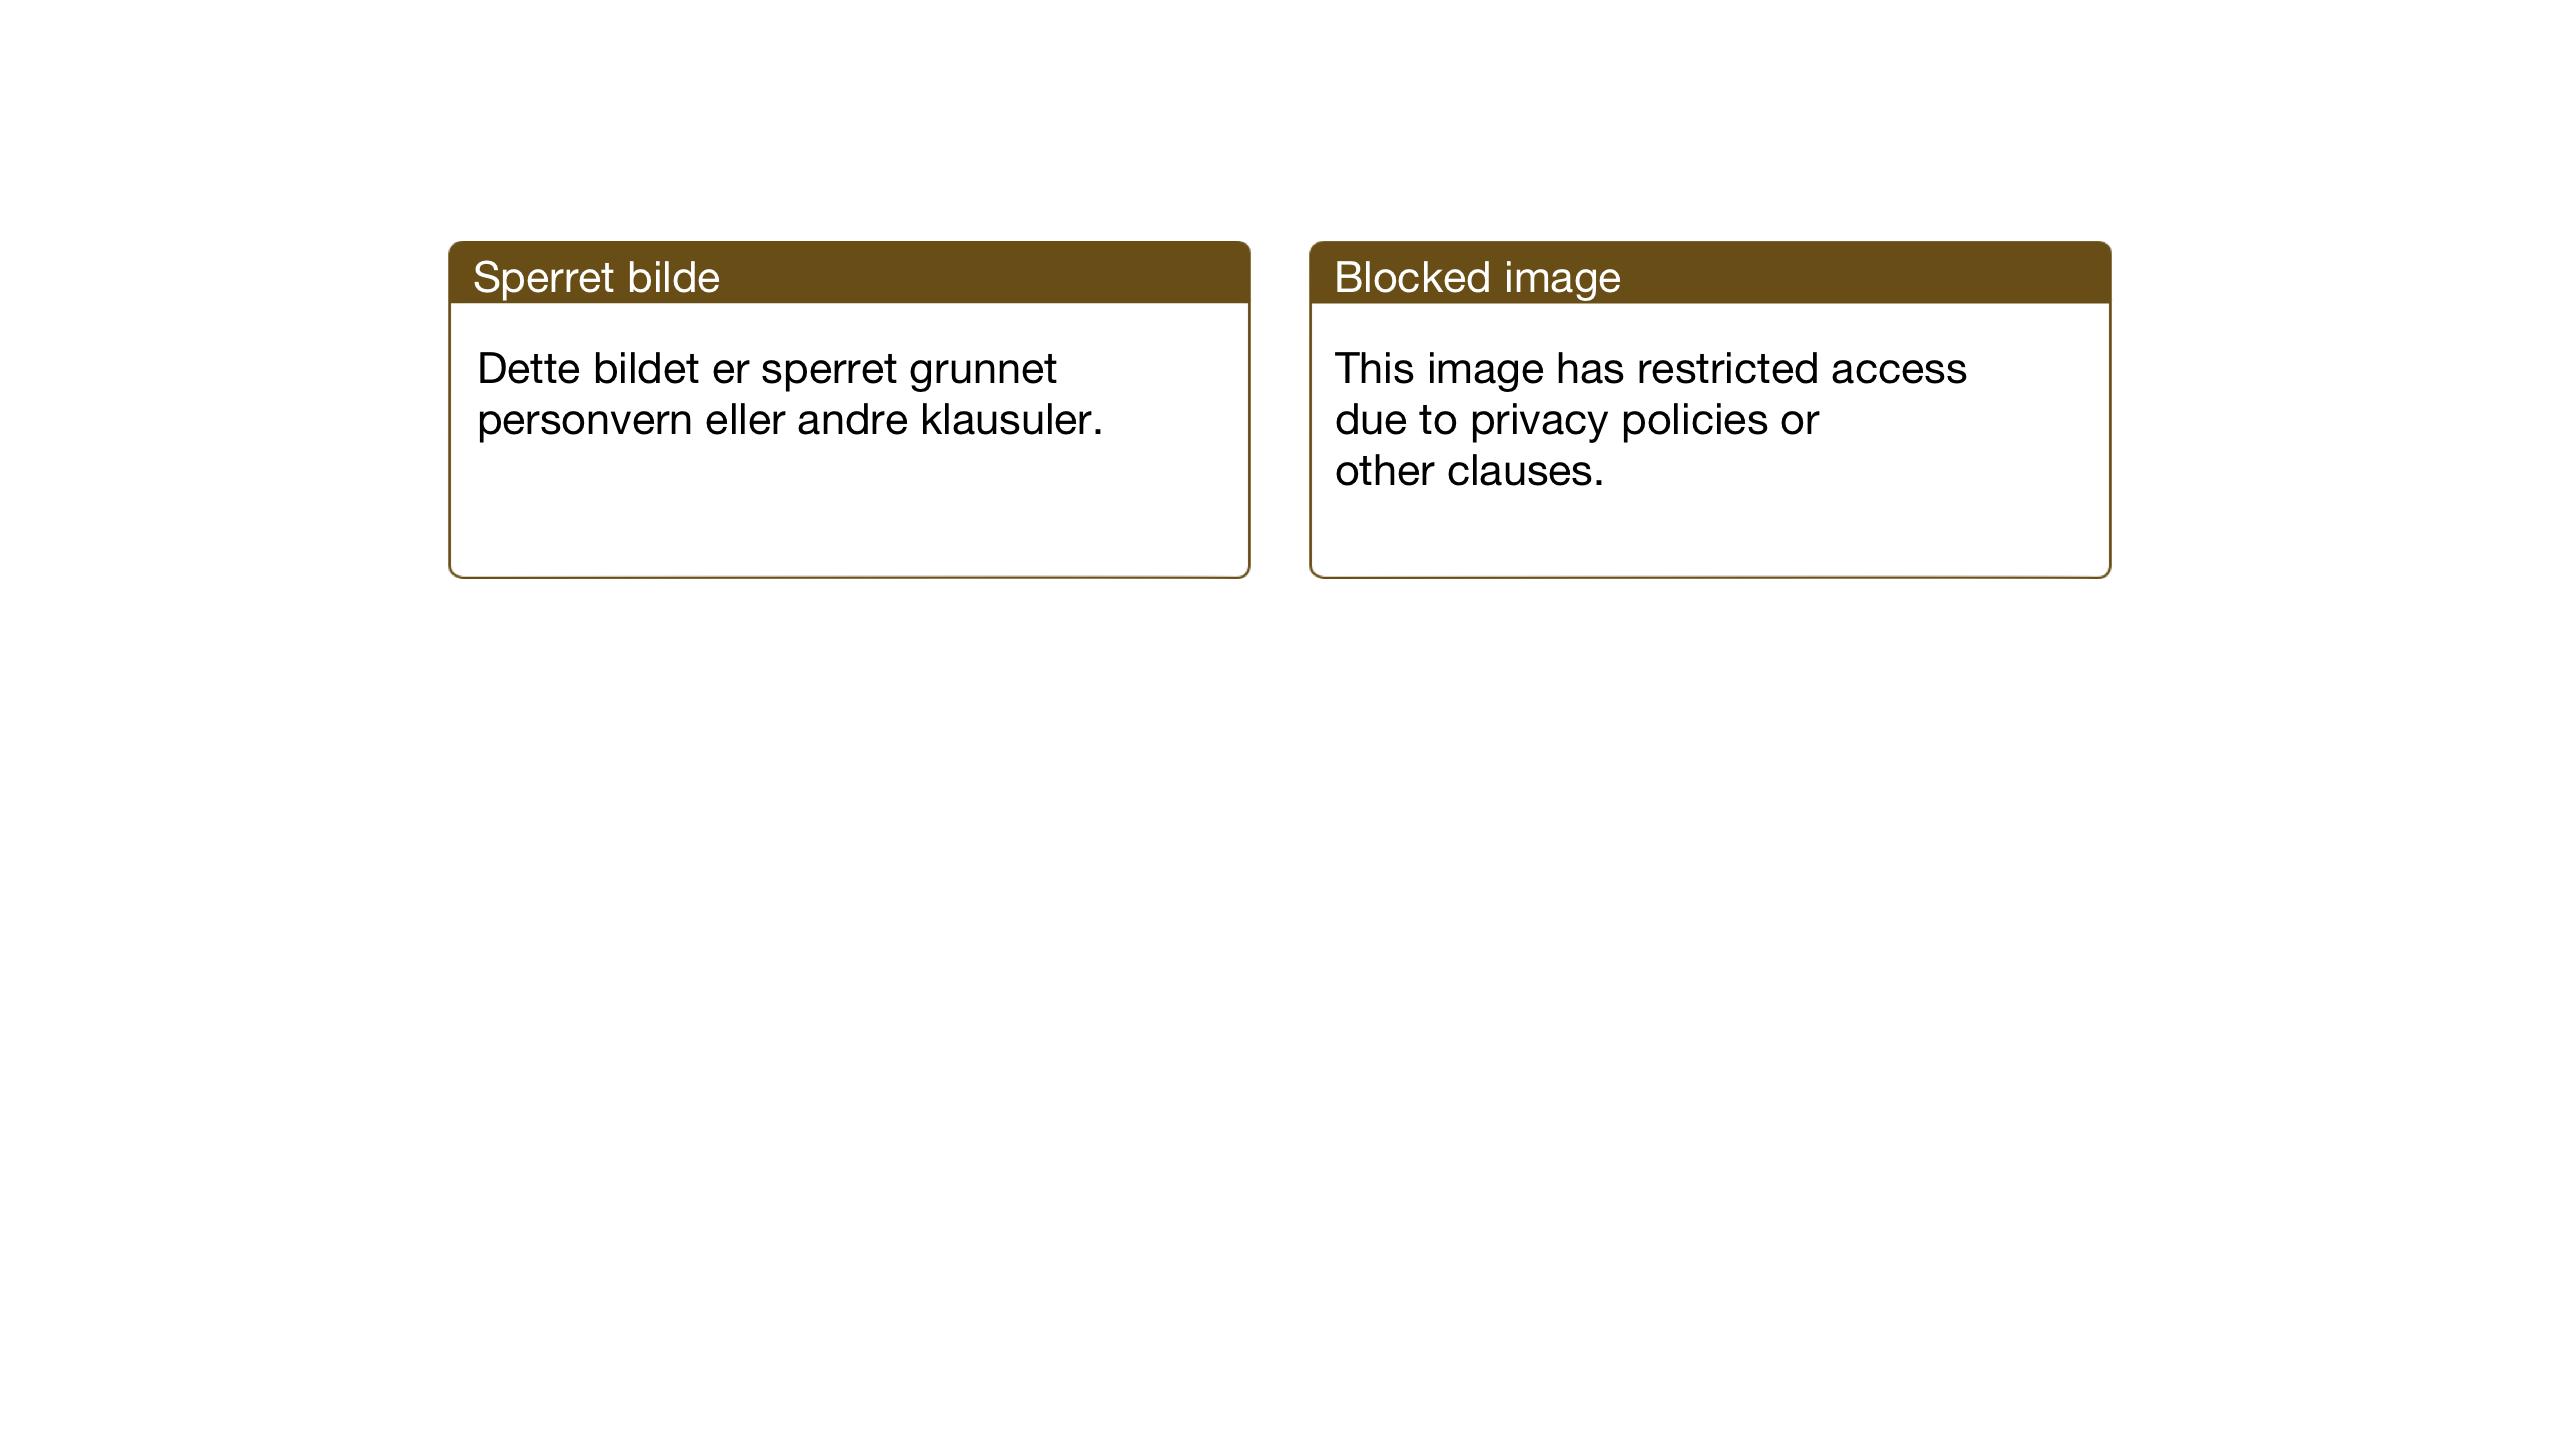 SAT, Ministerialprotokoller, klokkerbøker og fødselsregistre - Sør-Trøndelag, 608/L0343: Klokkerbok nr. 608C09, 1938-1952, s. 15